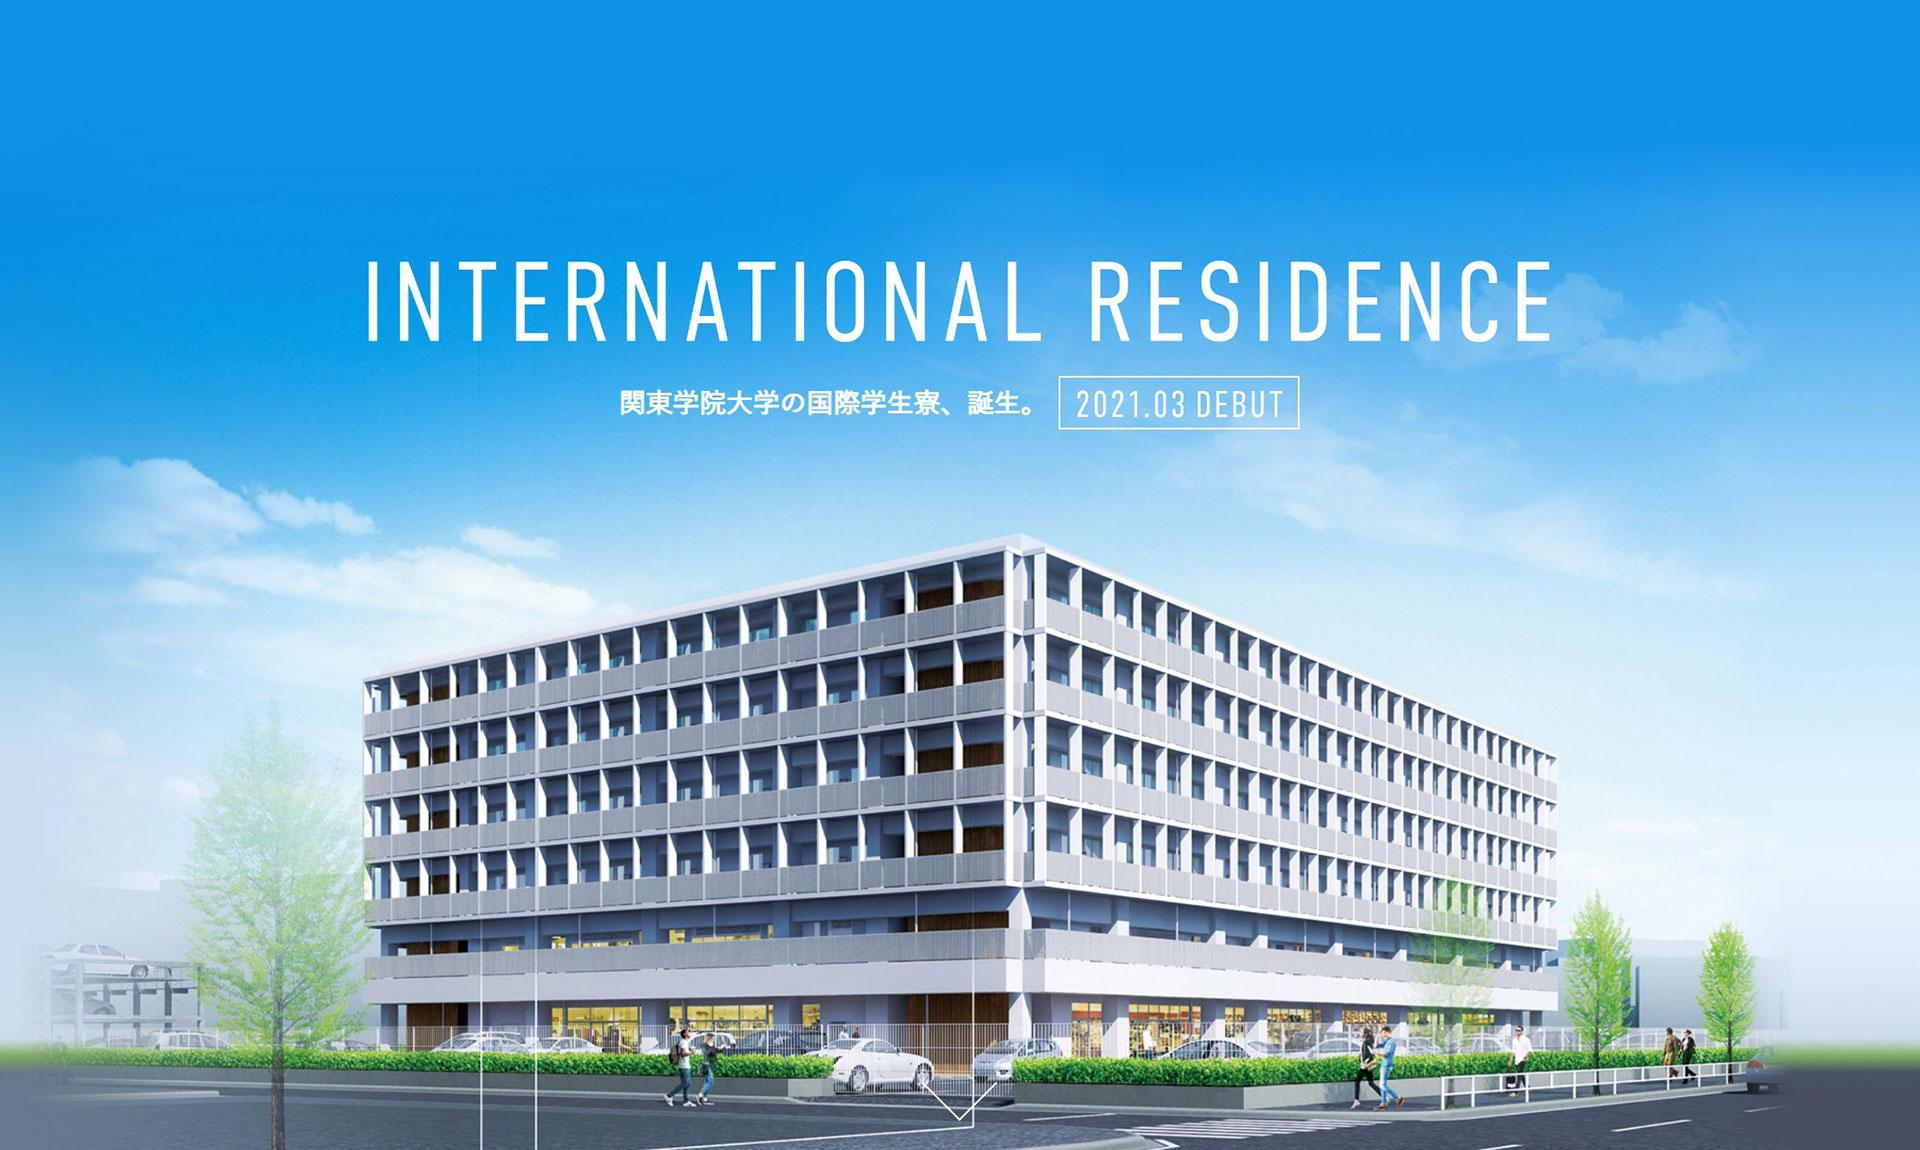 インターナショナル・レジデンス 入居申込受付を開始しました。